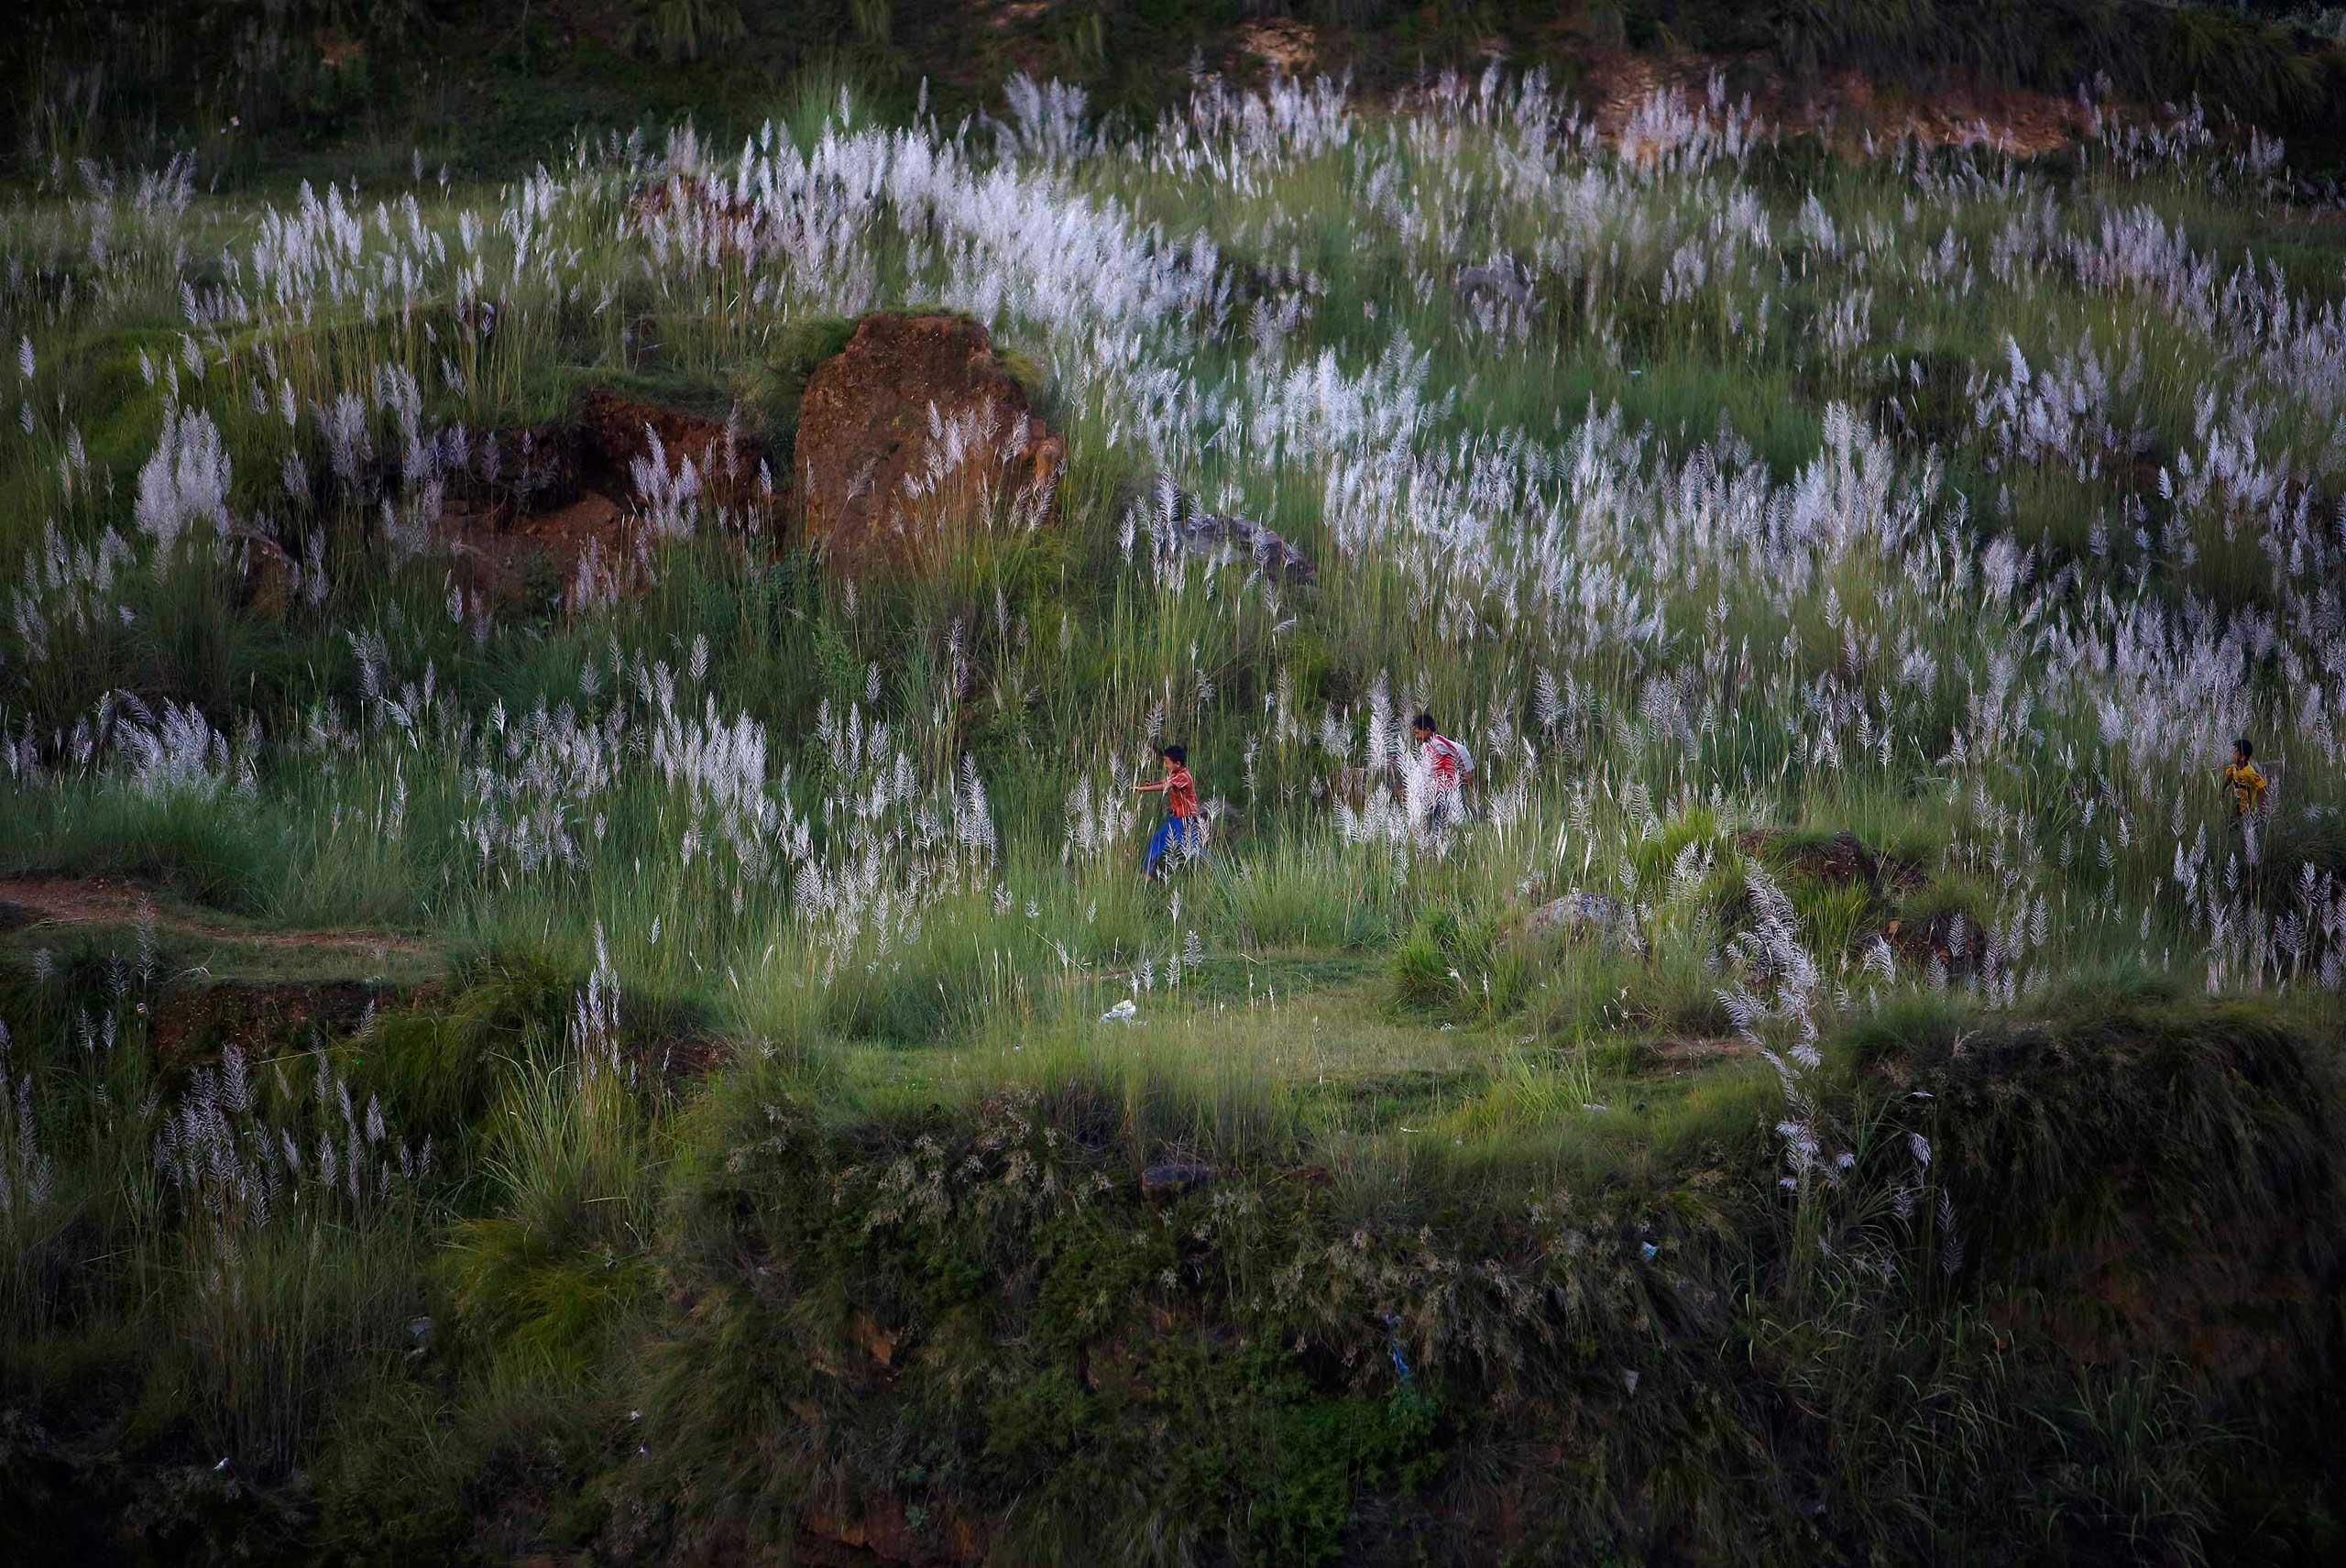 Children play on the hills in Kathmandu, Sept. 3, 2014.